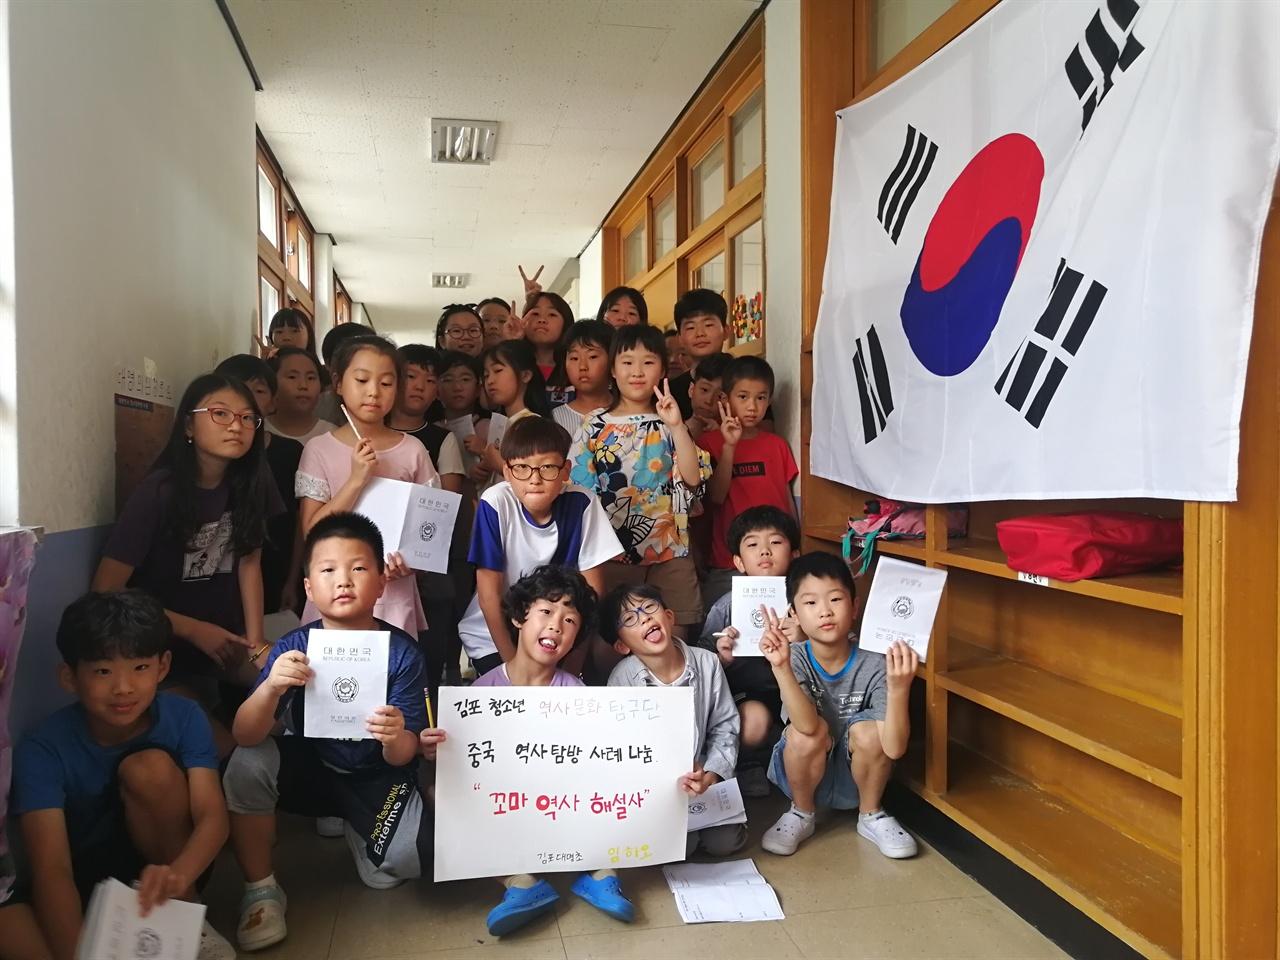 역사 탐구단 사례나눔(또래 역사 해설가 활동)